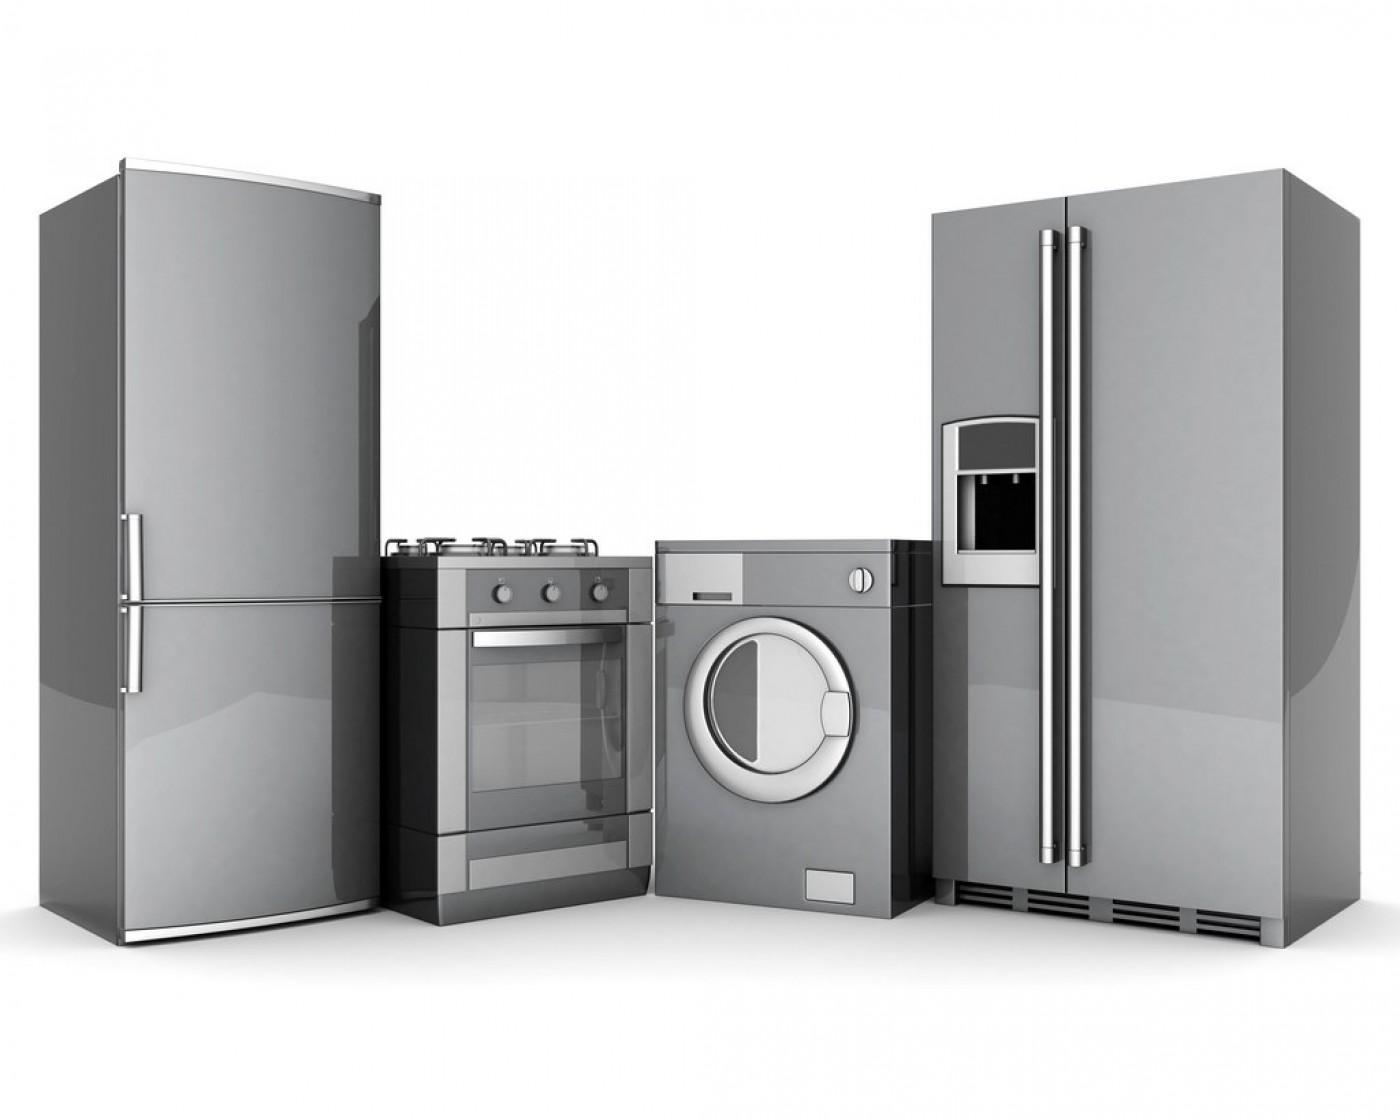 ماشین لباسشویی و یخچال